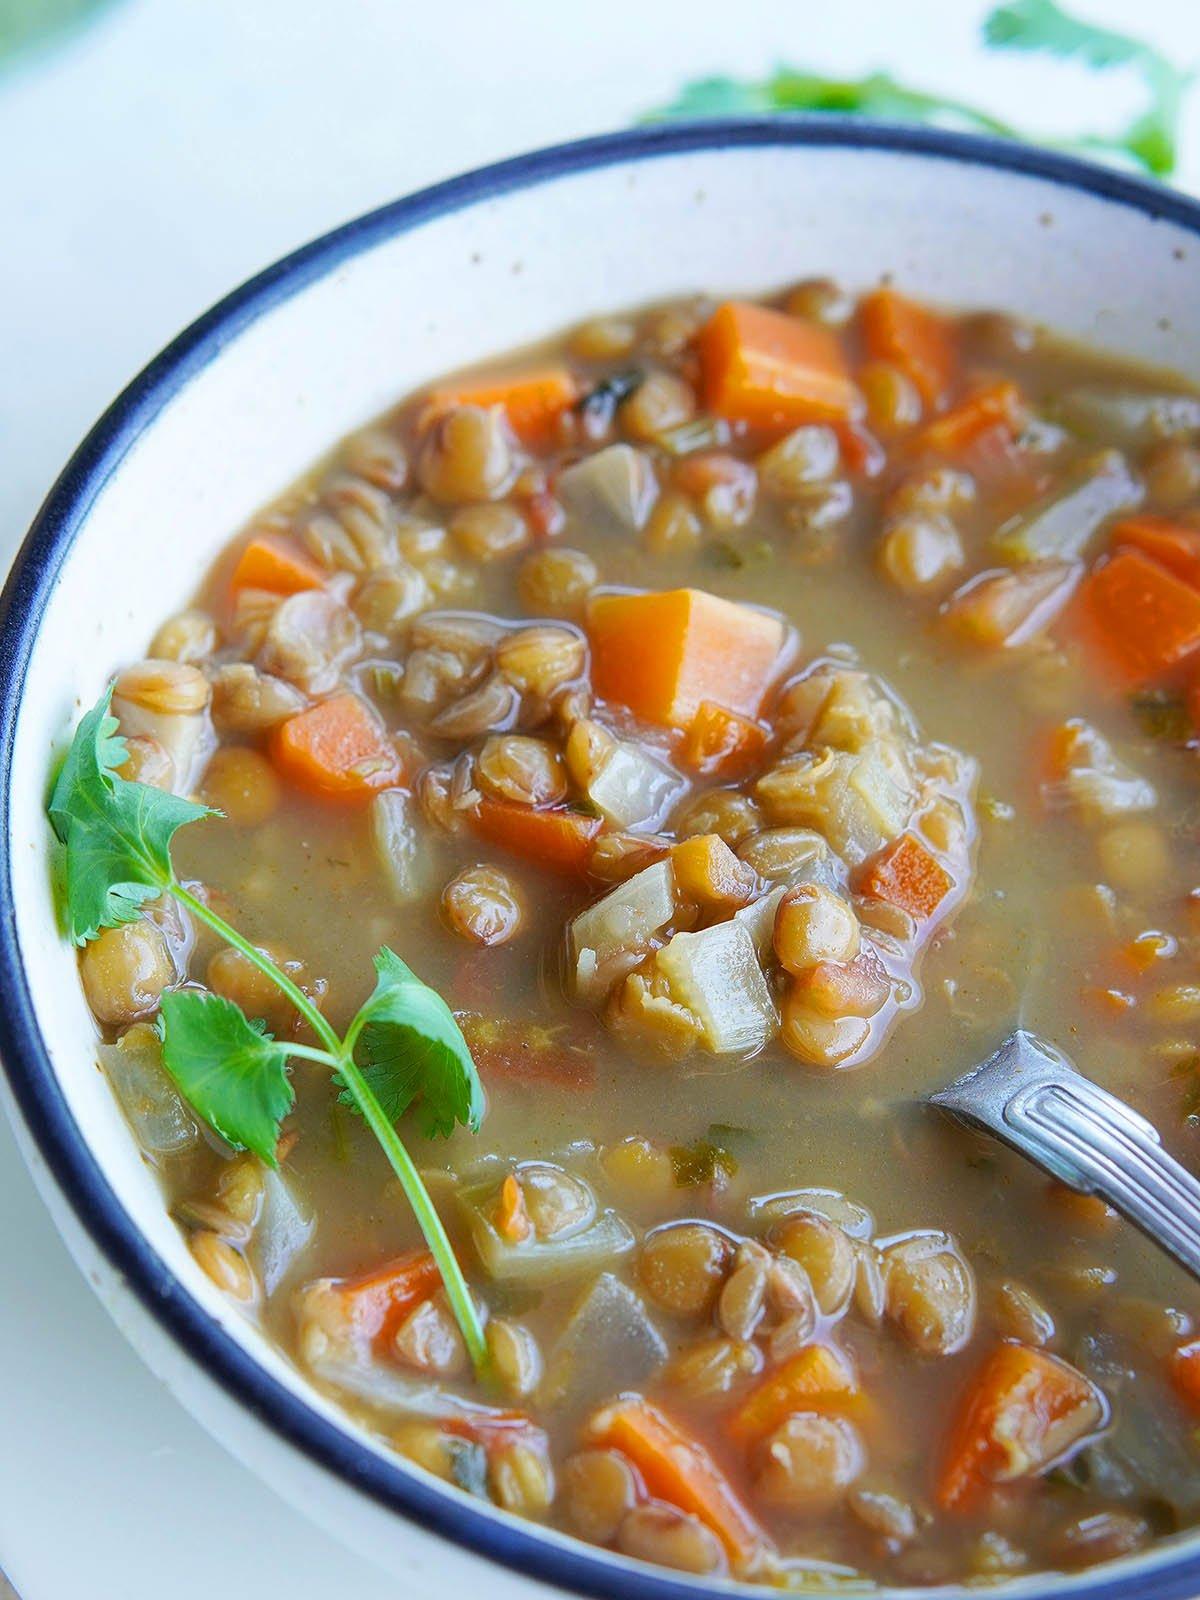 A close up image of sopa de lentejas.